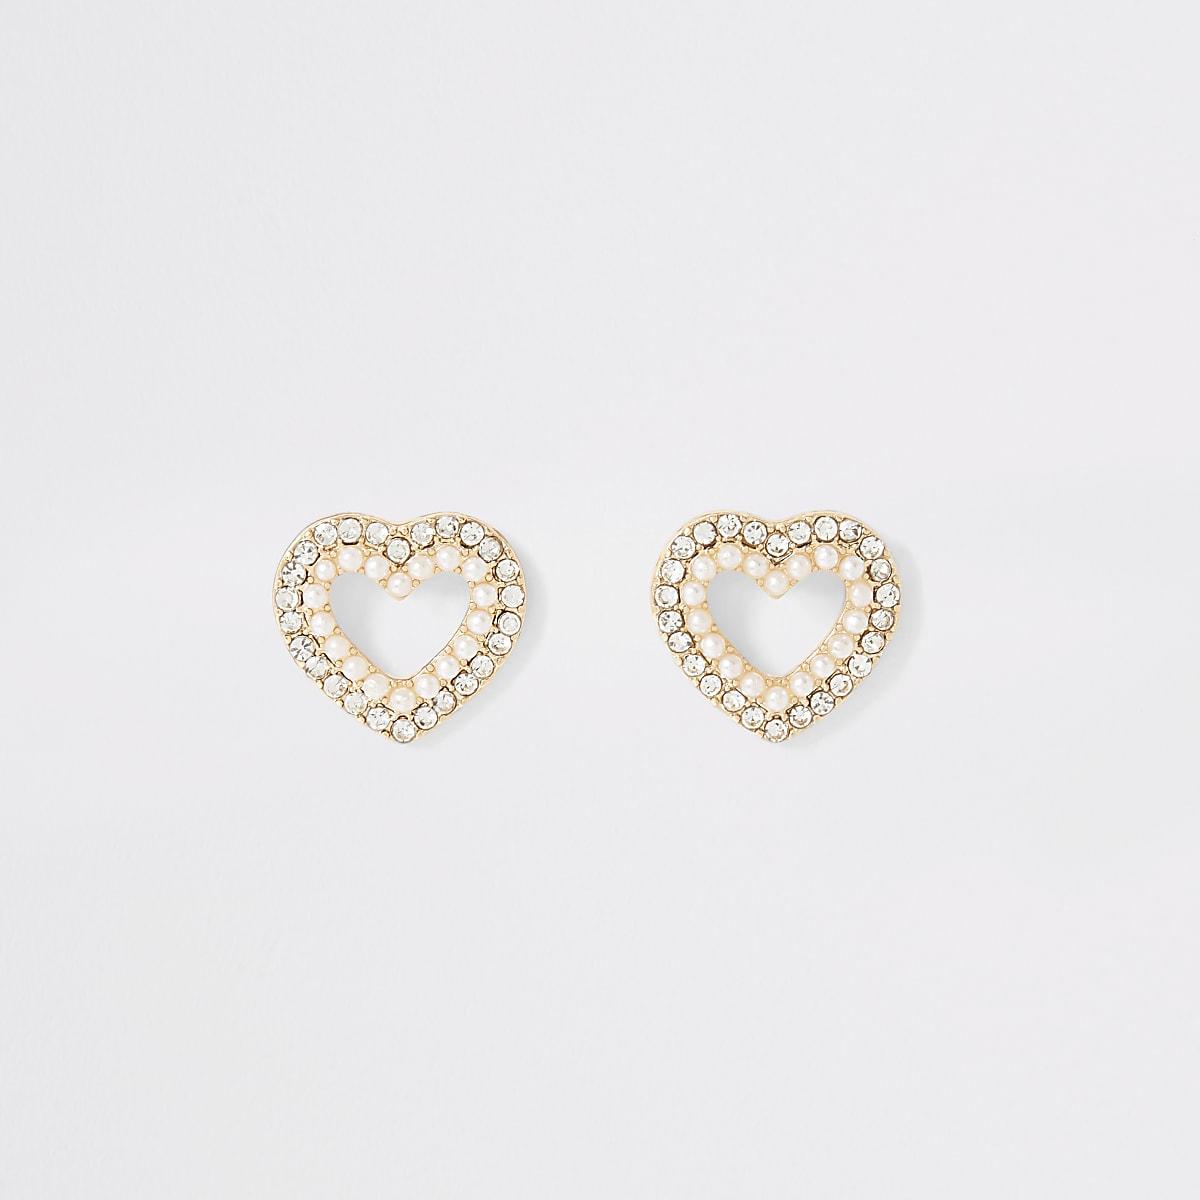 Boucles d'oreilles dorées ornées de strass et de perles en forme de cœur